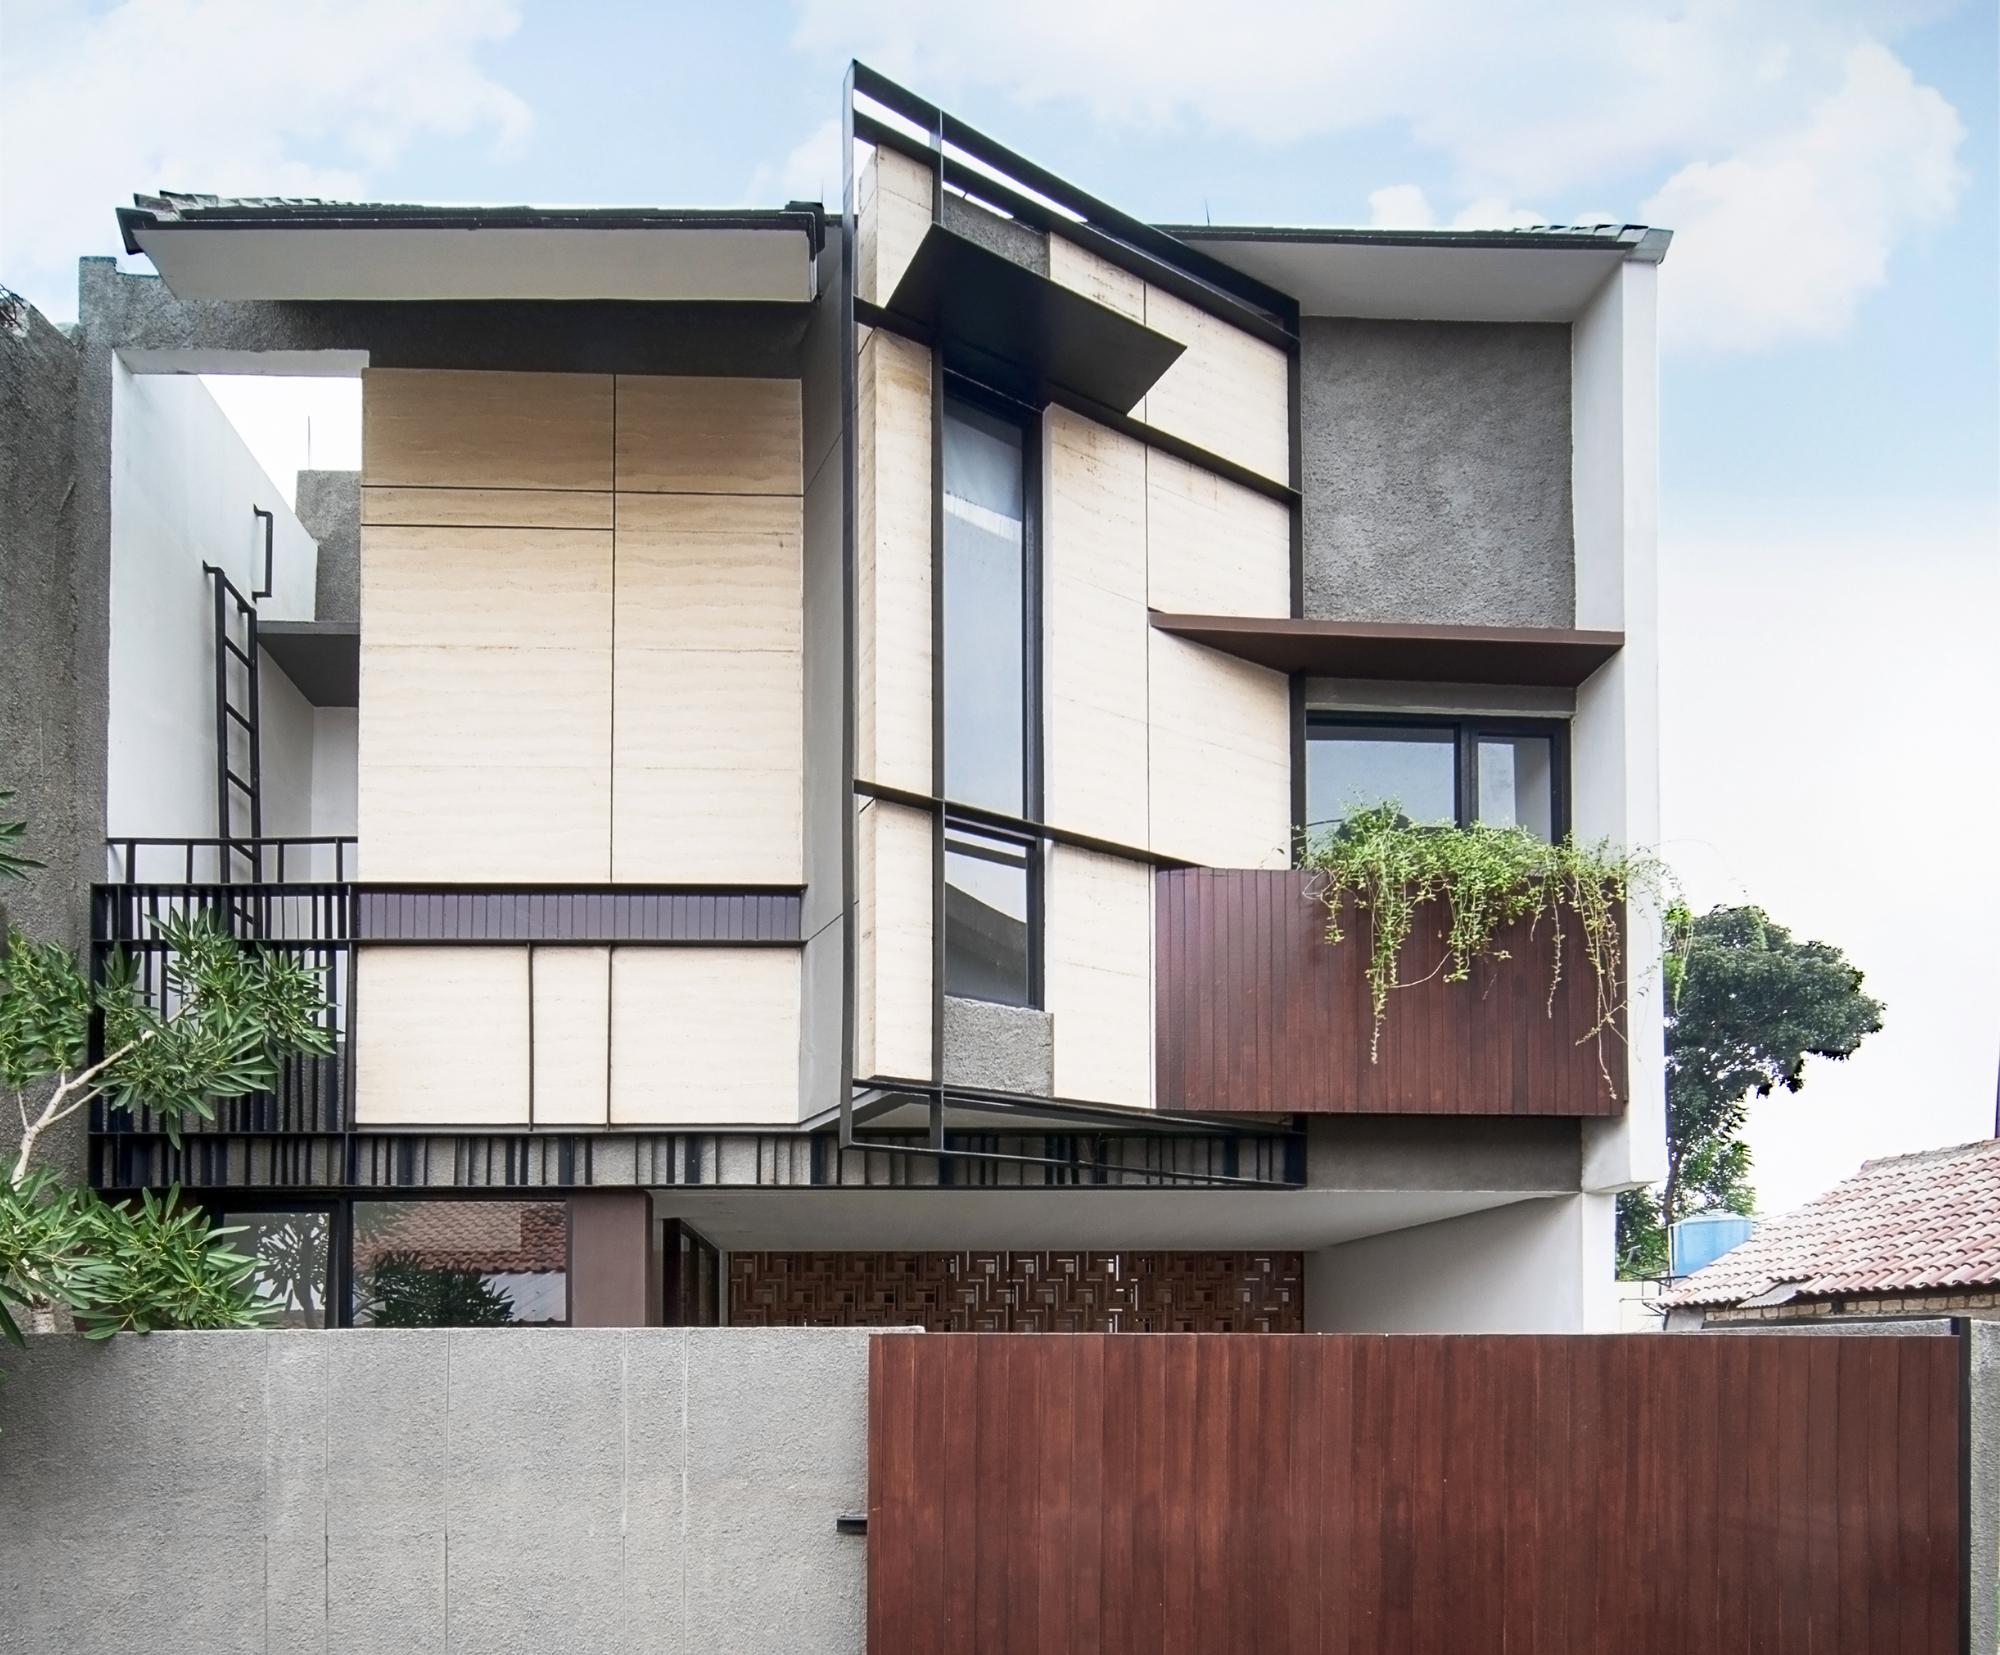 710+ Gambar Exterior Rumah Minimalis Sederhana Gratis